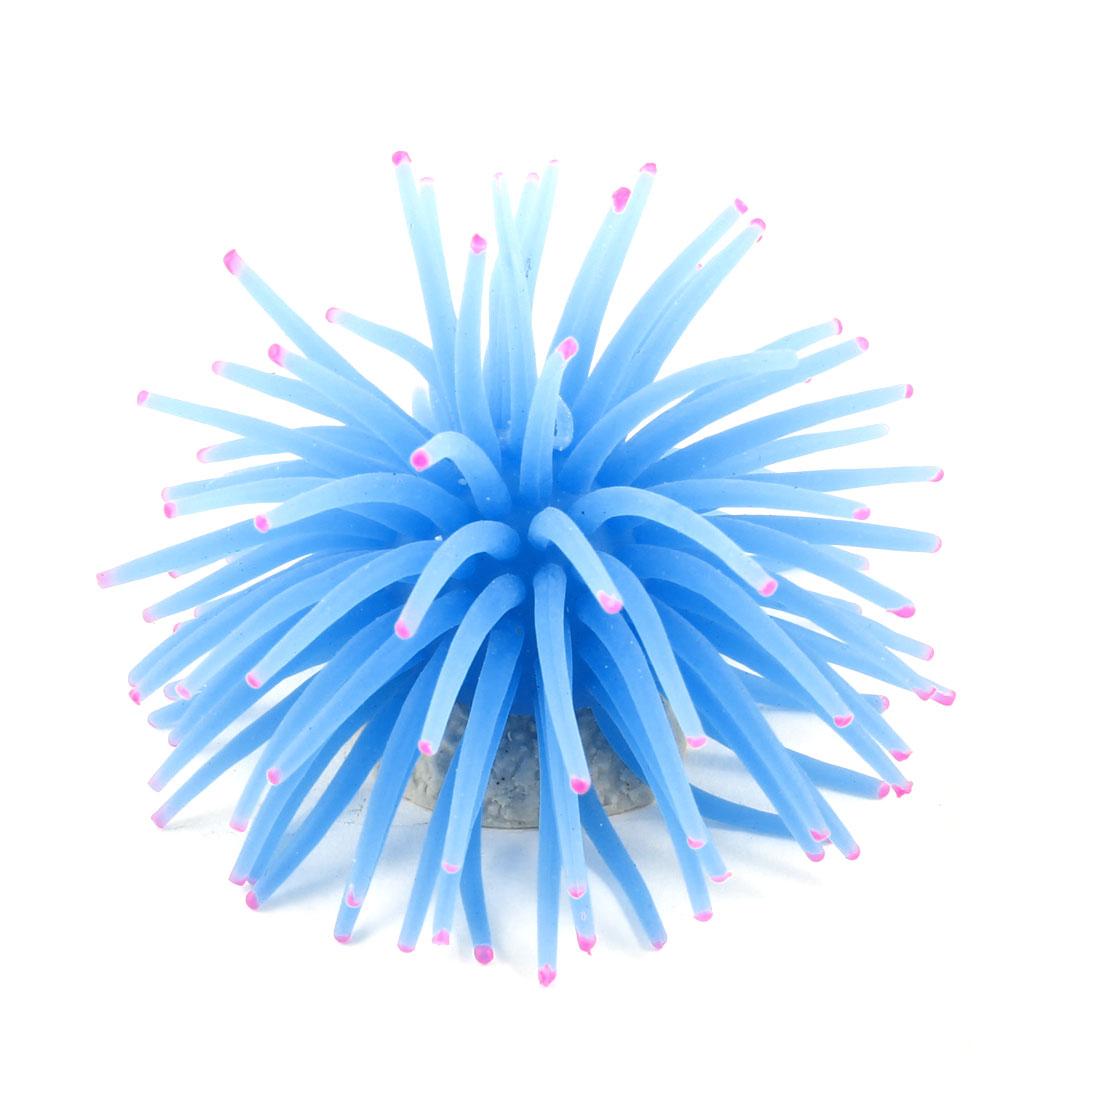 Aquarium Fish Tank Ornament Blue Silicone Mini Anemone Sea Coral